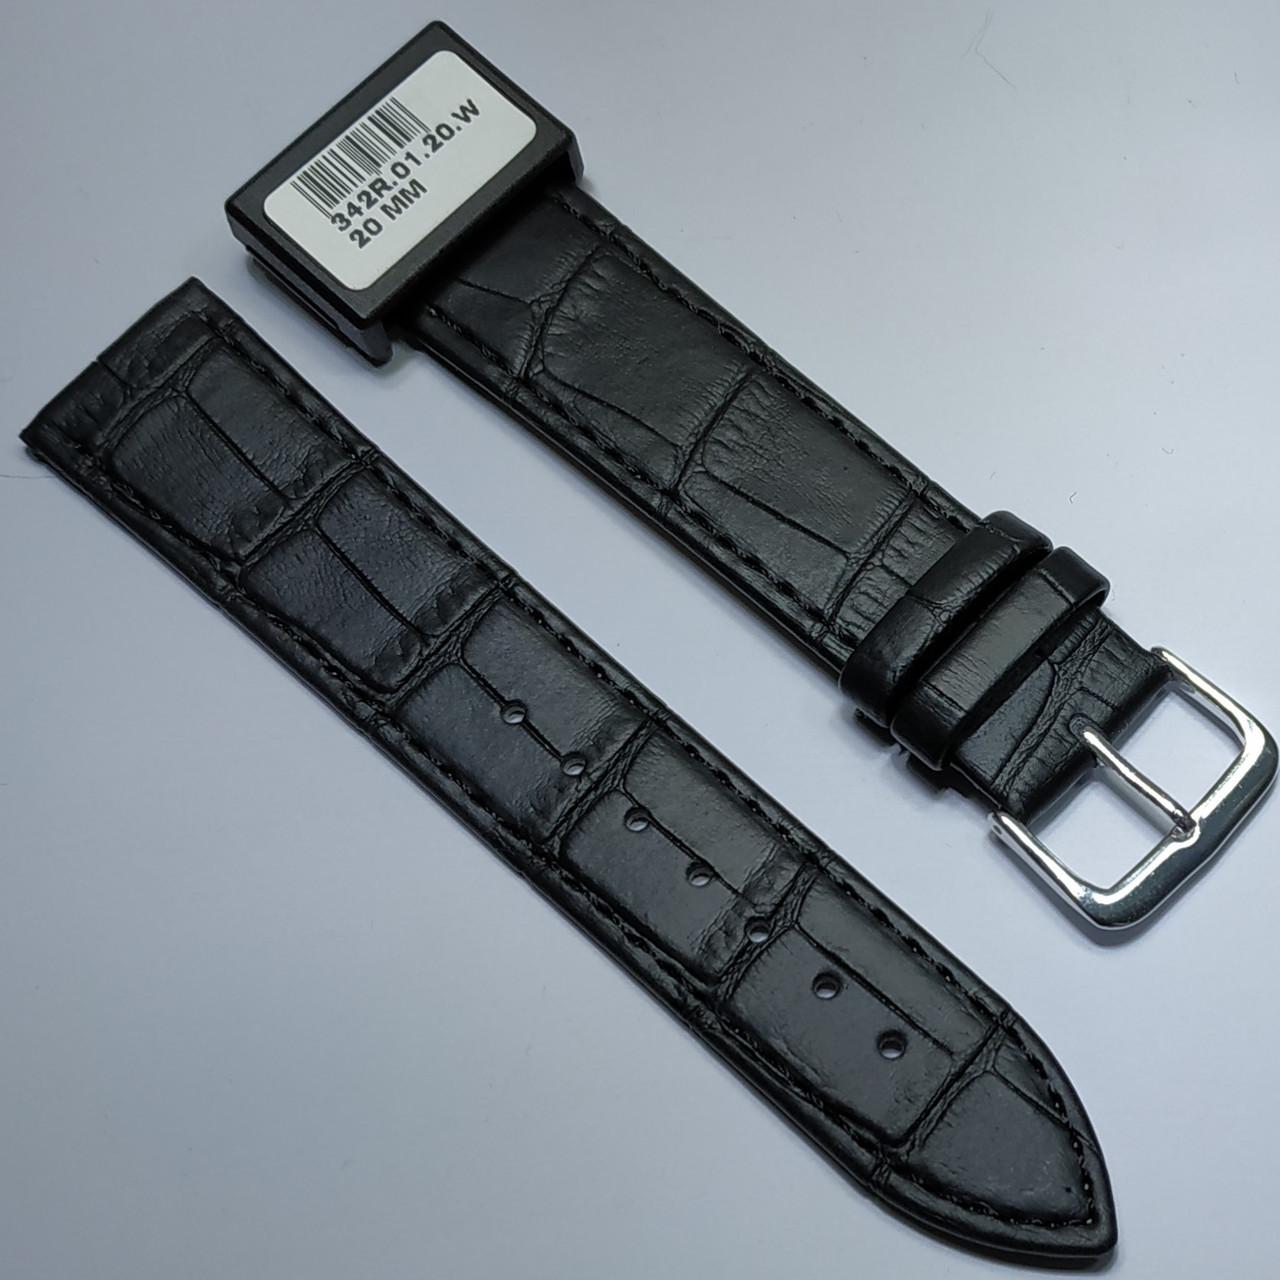 20 мм Кожаный Ремешок для часов CONDOR 342.20.01 Черный Ремешок на часы из Натуральной кожи